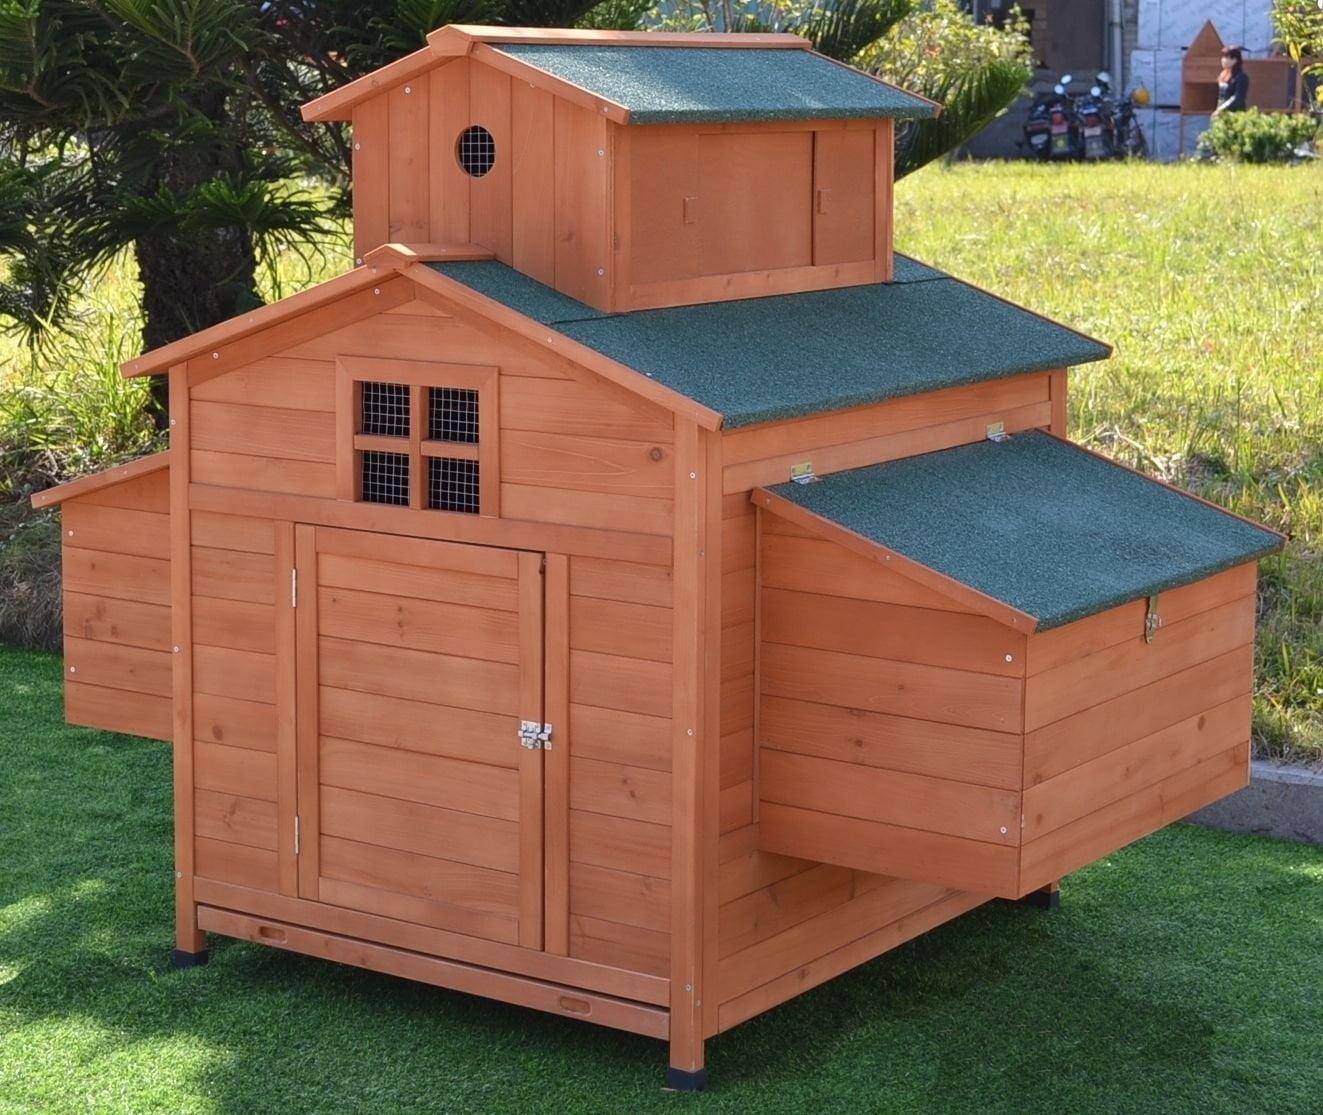 Omitree Deluxe Large Wood Chicken Coop Backyard Hen House ...